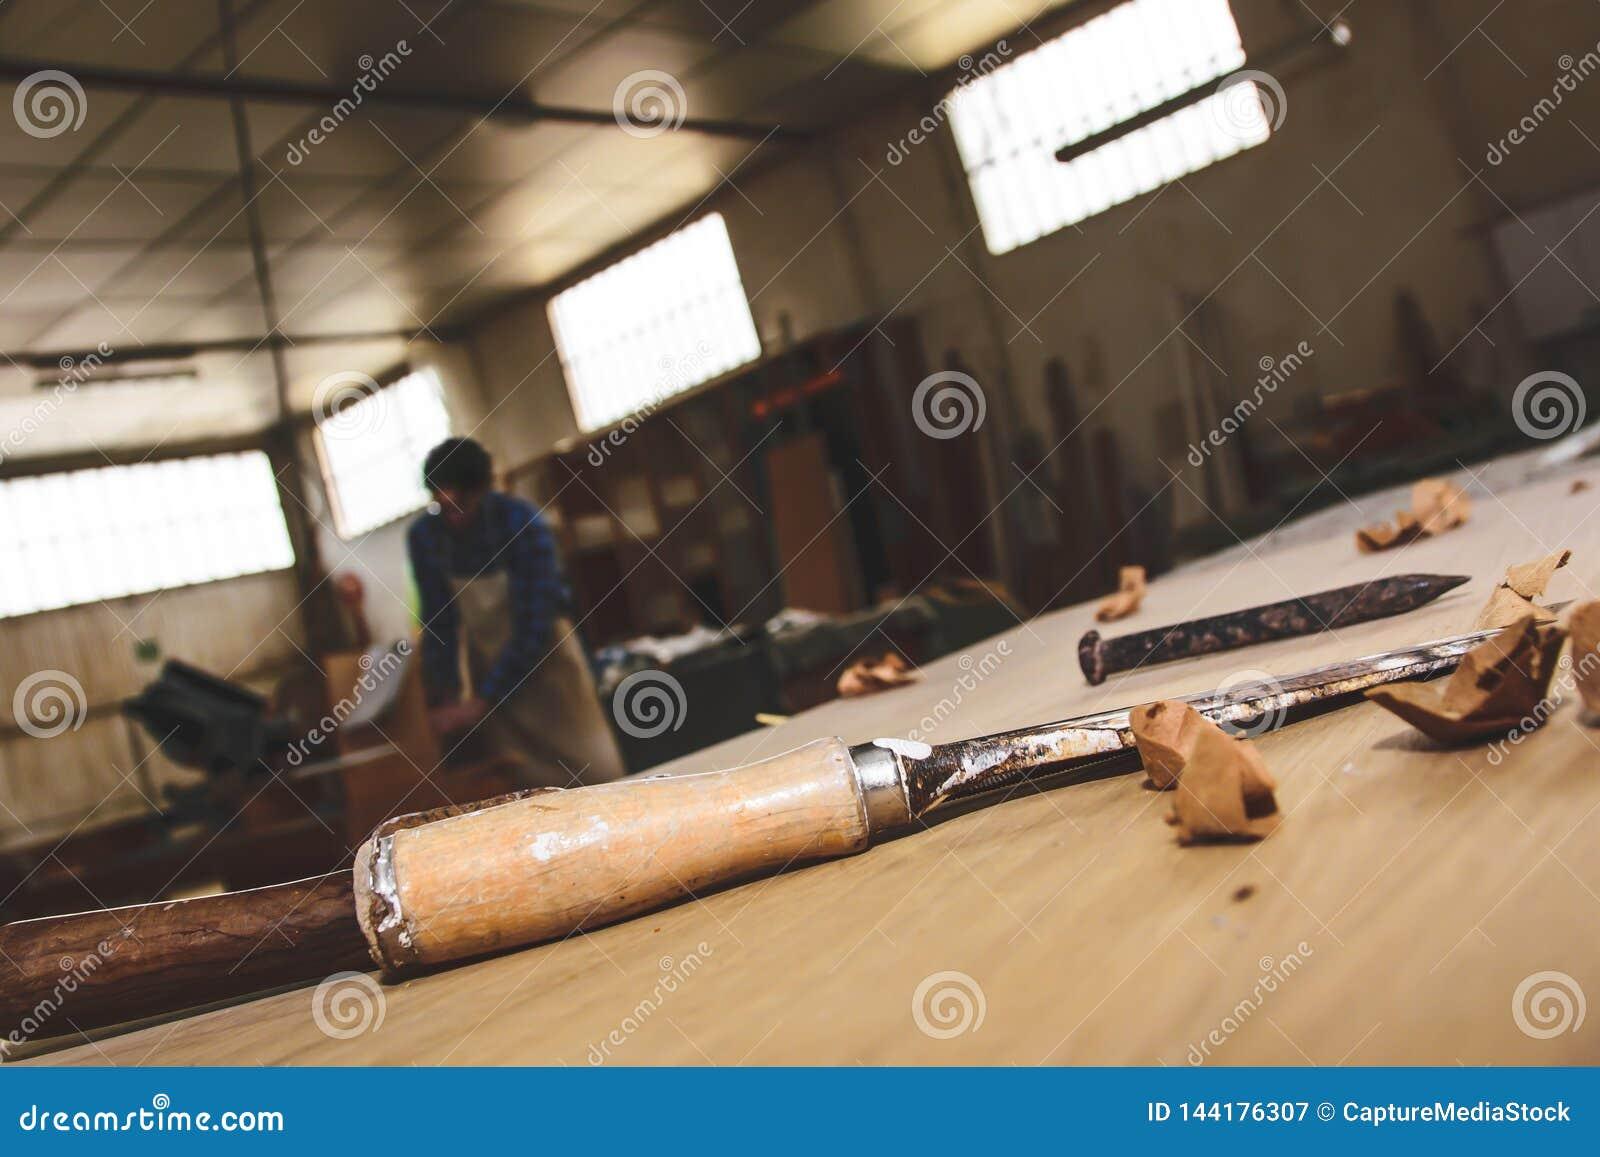 木匠工具 凿子或蛾眉凿木头的在工作在工作凳的木匠 木匠业车间